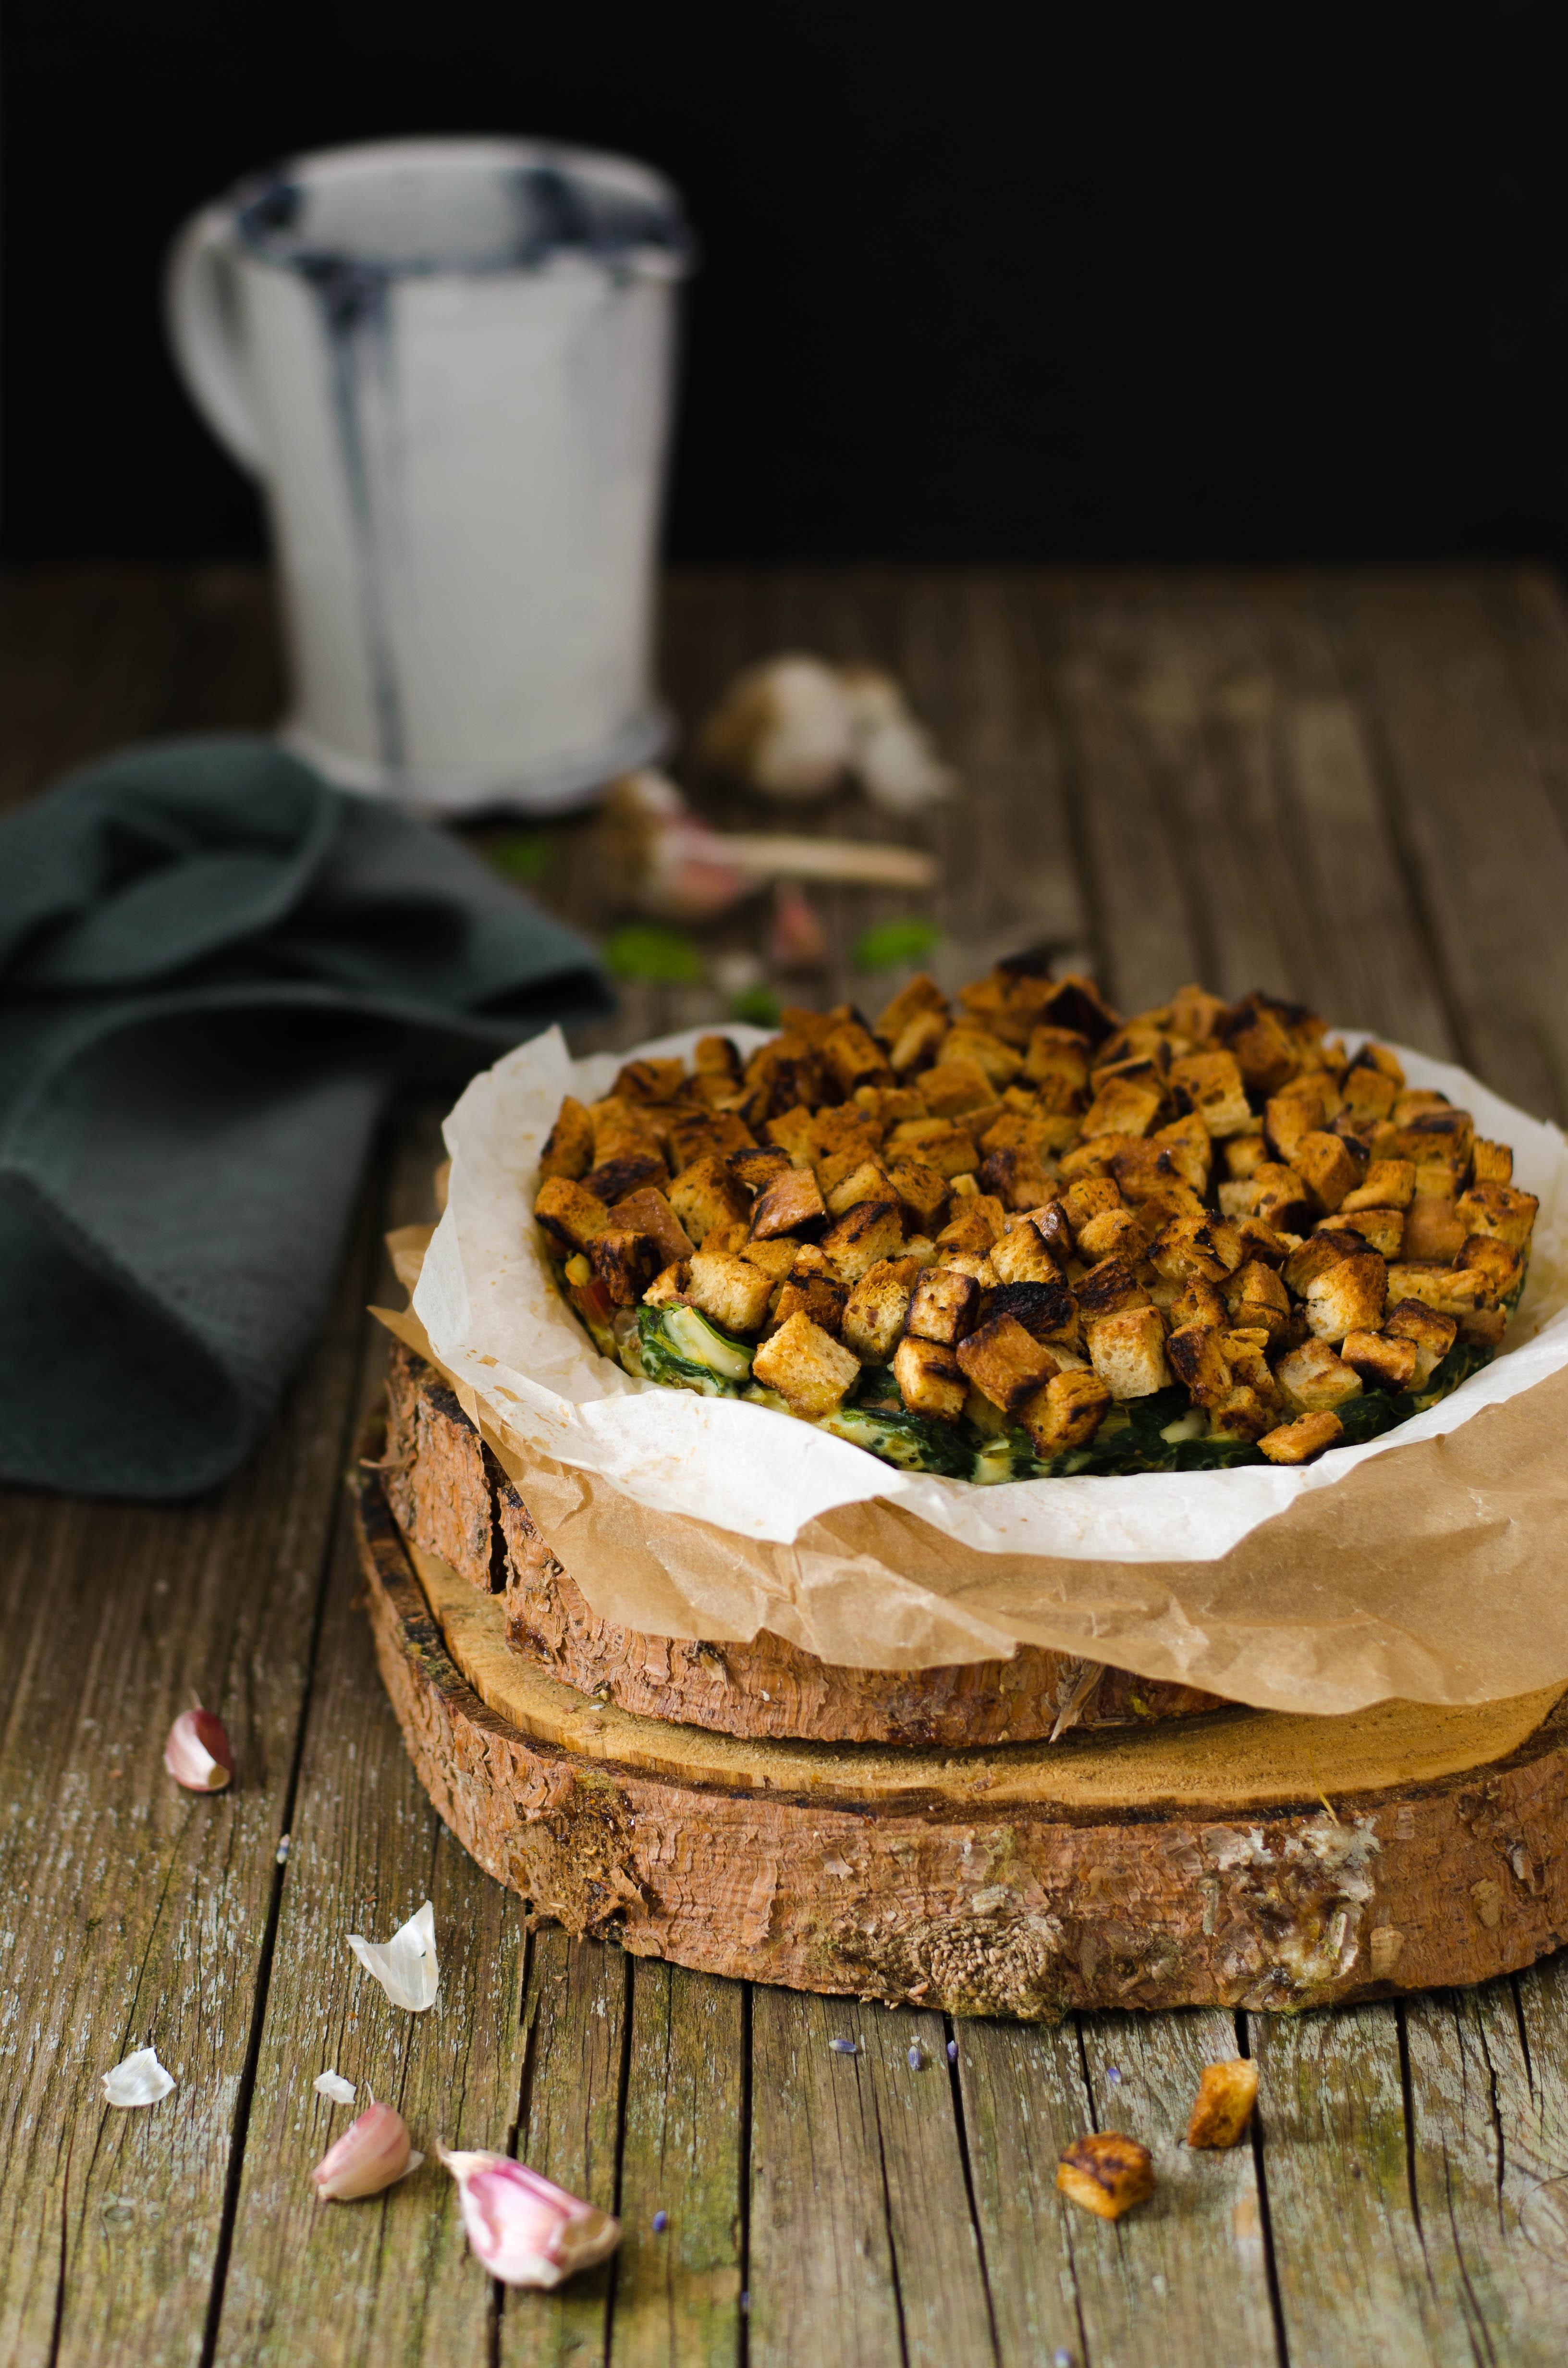 torta-rustica-spinaci-cavolo-nero Torta rustica di spinaci, cavolo nero e frutta secca